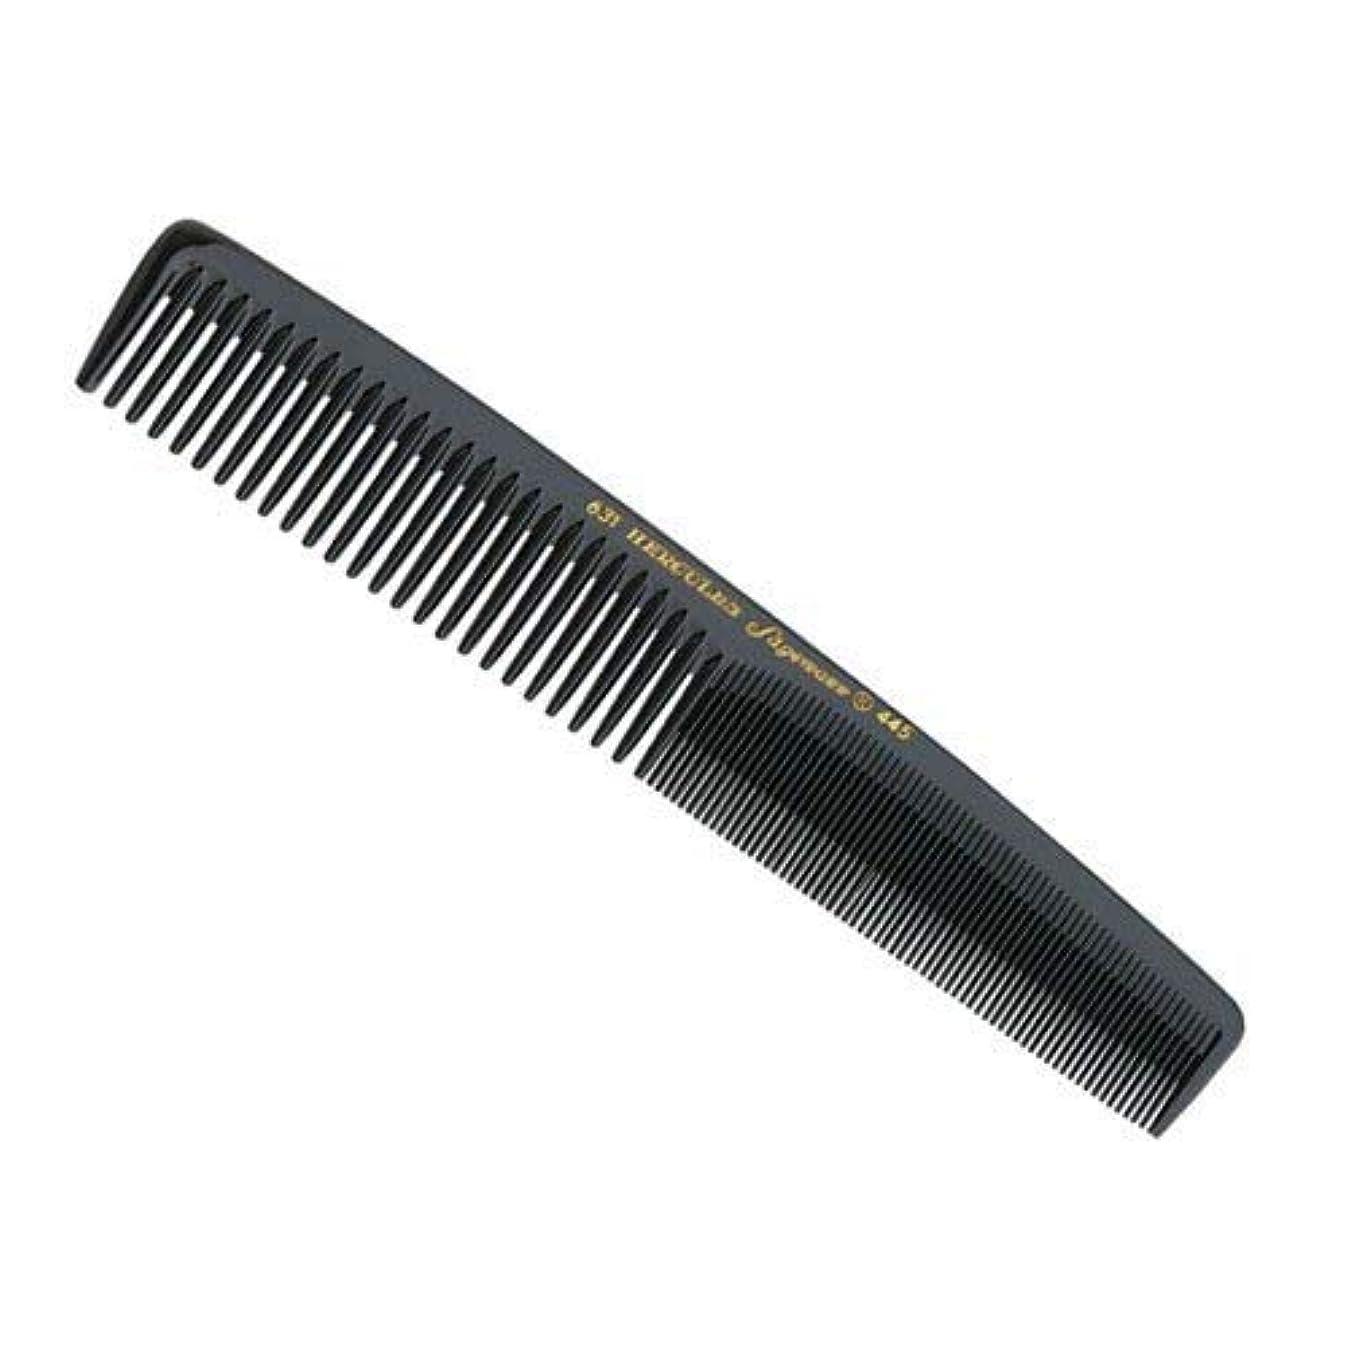 前進トーン批判するHercules Sagemann Medium Waver Ladies Hair Comb, Length-17.8 cm [並行輸入品]